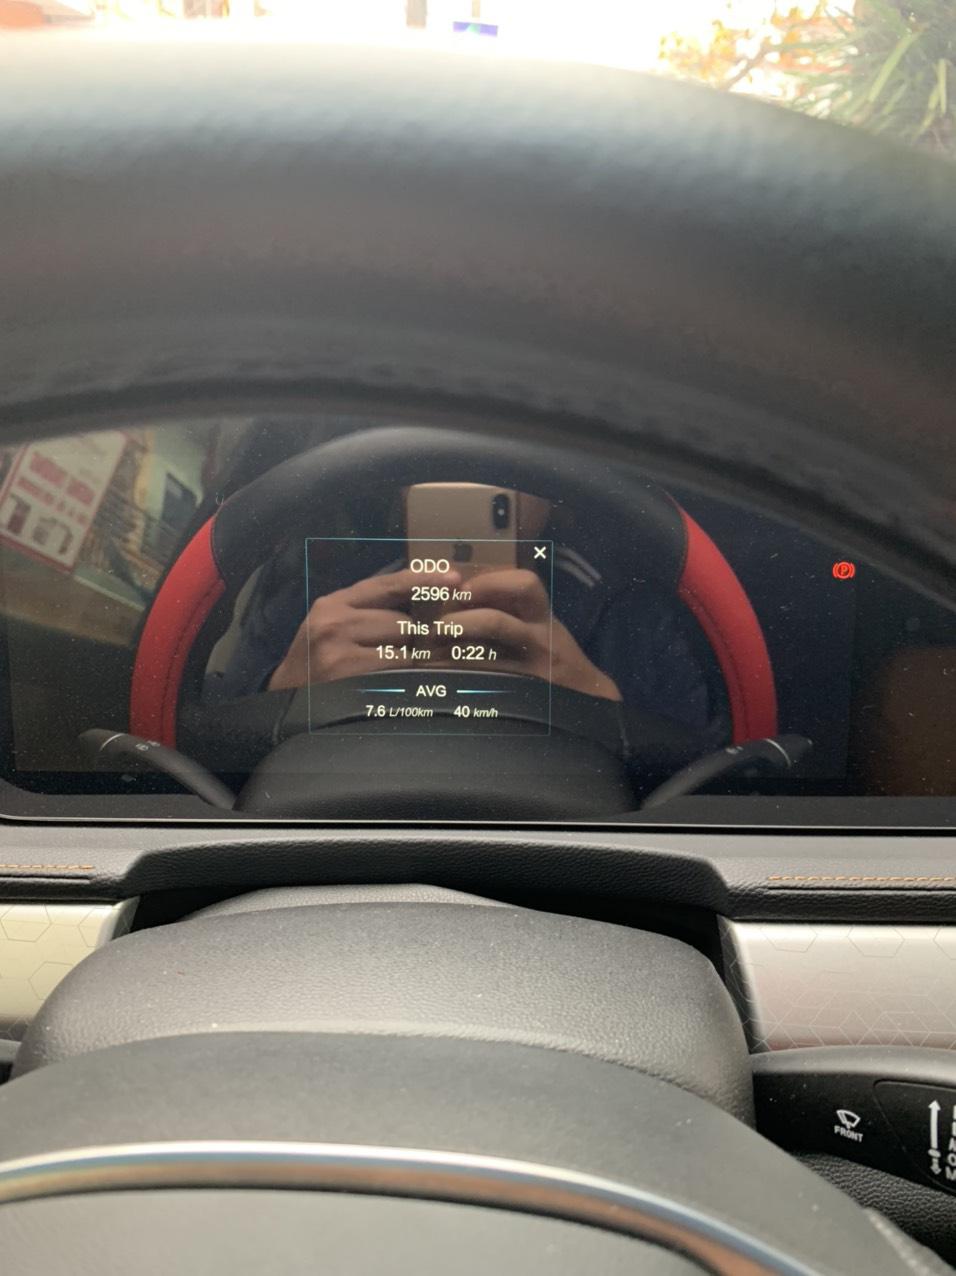 Mới mua ít ngày, chủ xe Trung Quốc Beijing X7 rao bán giá bất ngờ - Ảnh 4.